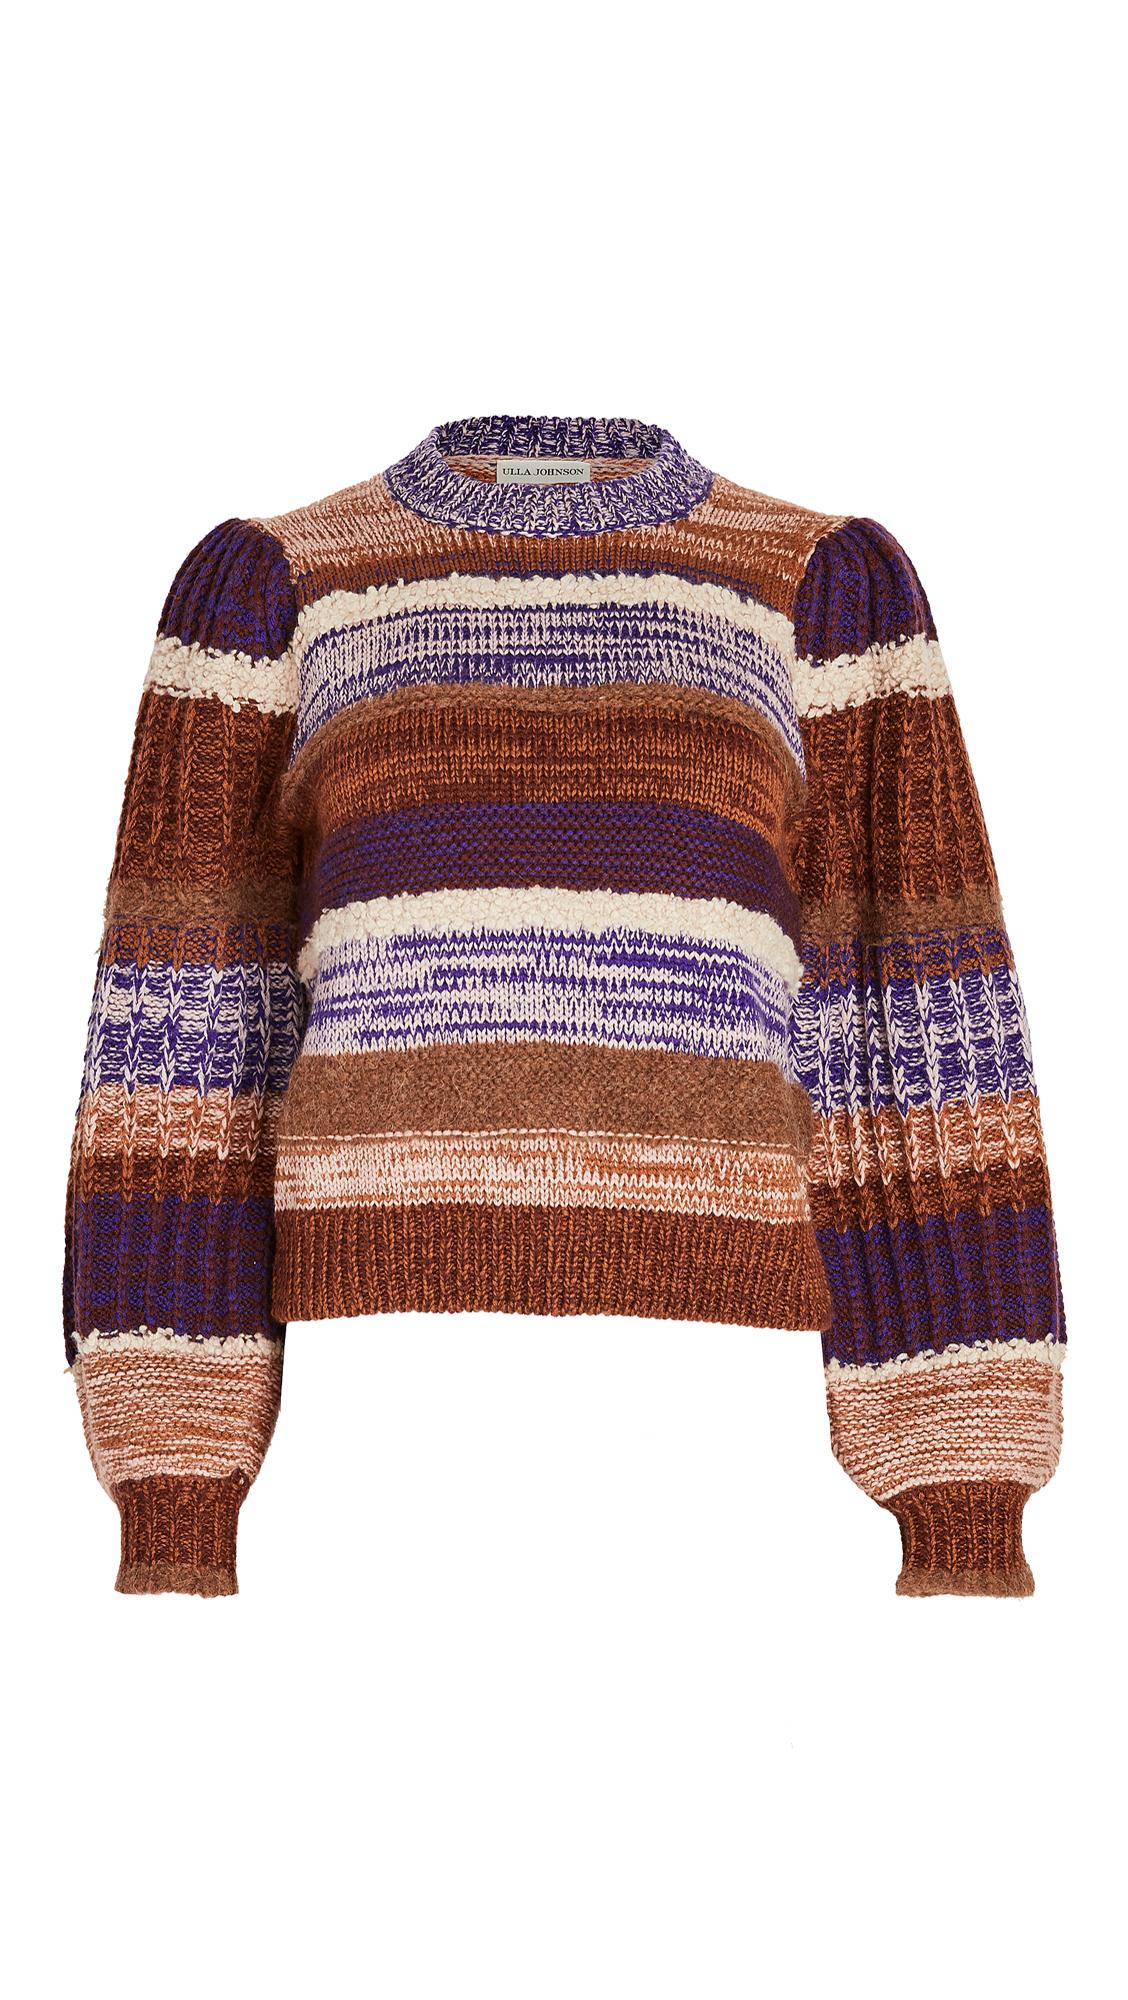 Ulla Johnson Samara Pullover Sweater